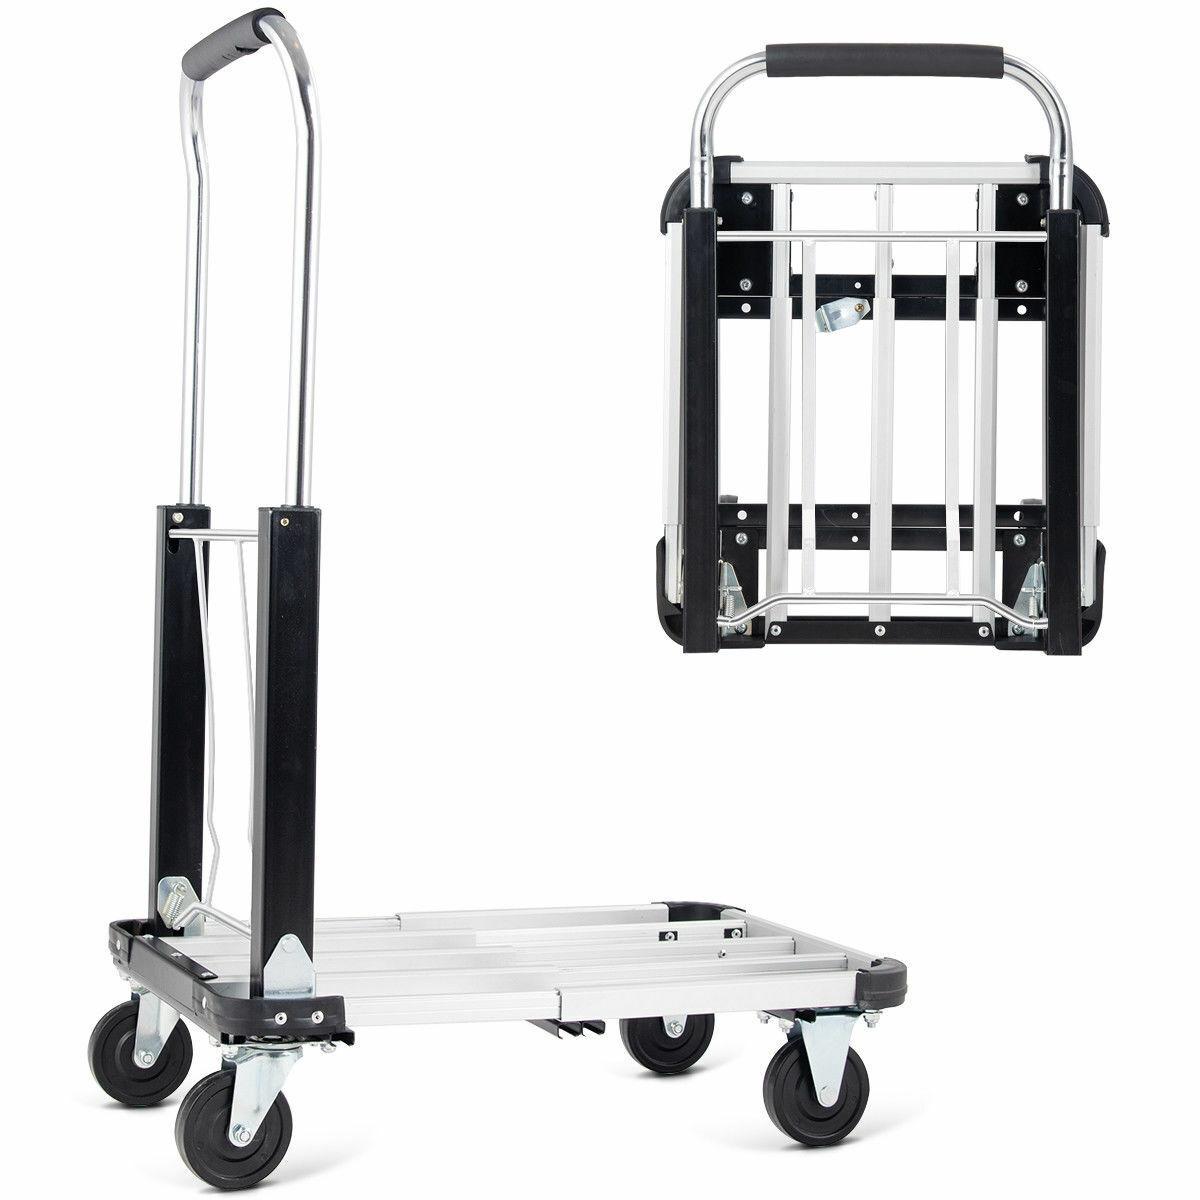 330lb Rolling Platform Cart Dolly Folding Luggage Hand Truck Trolley Heavy Duty